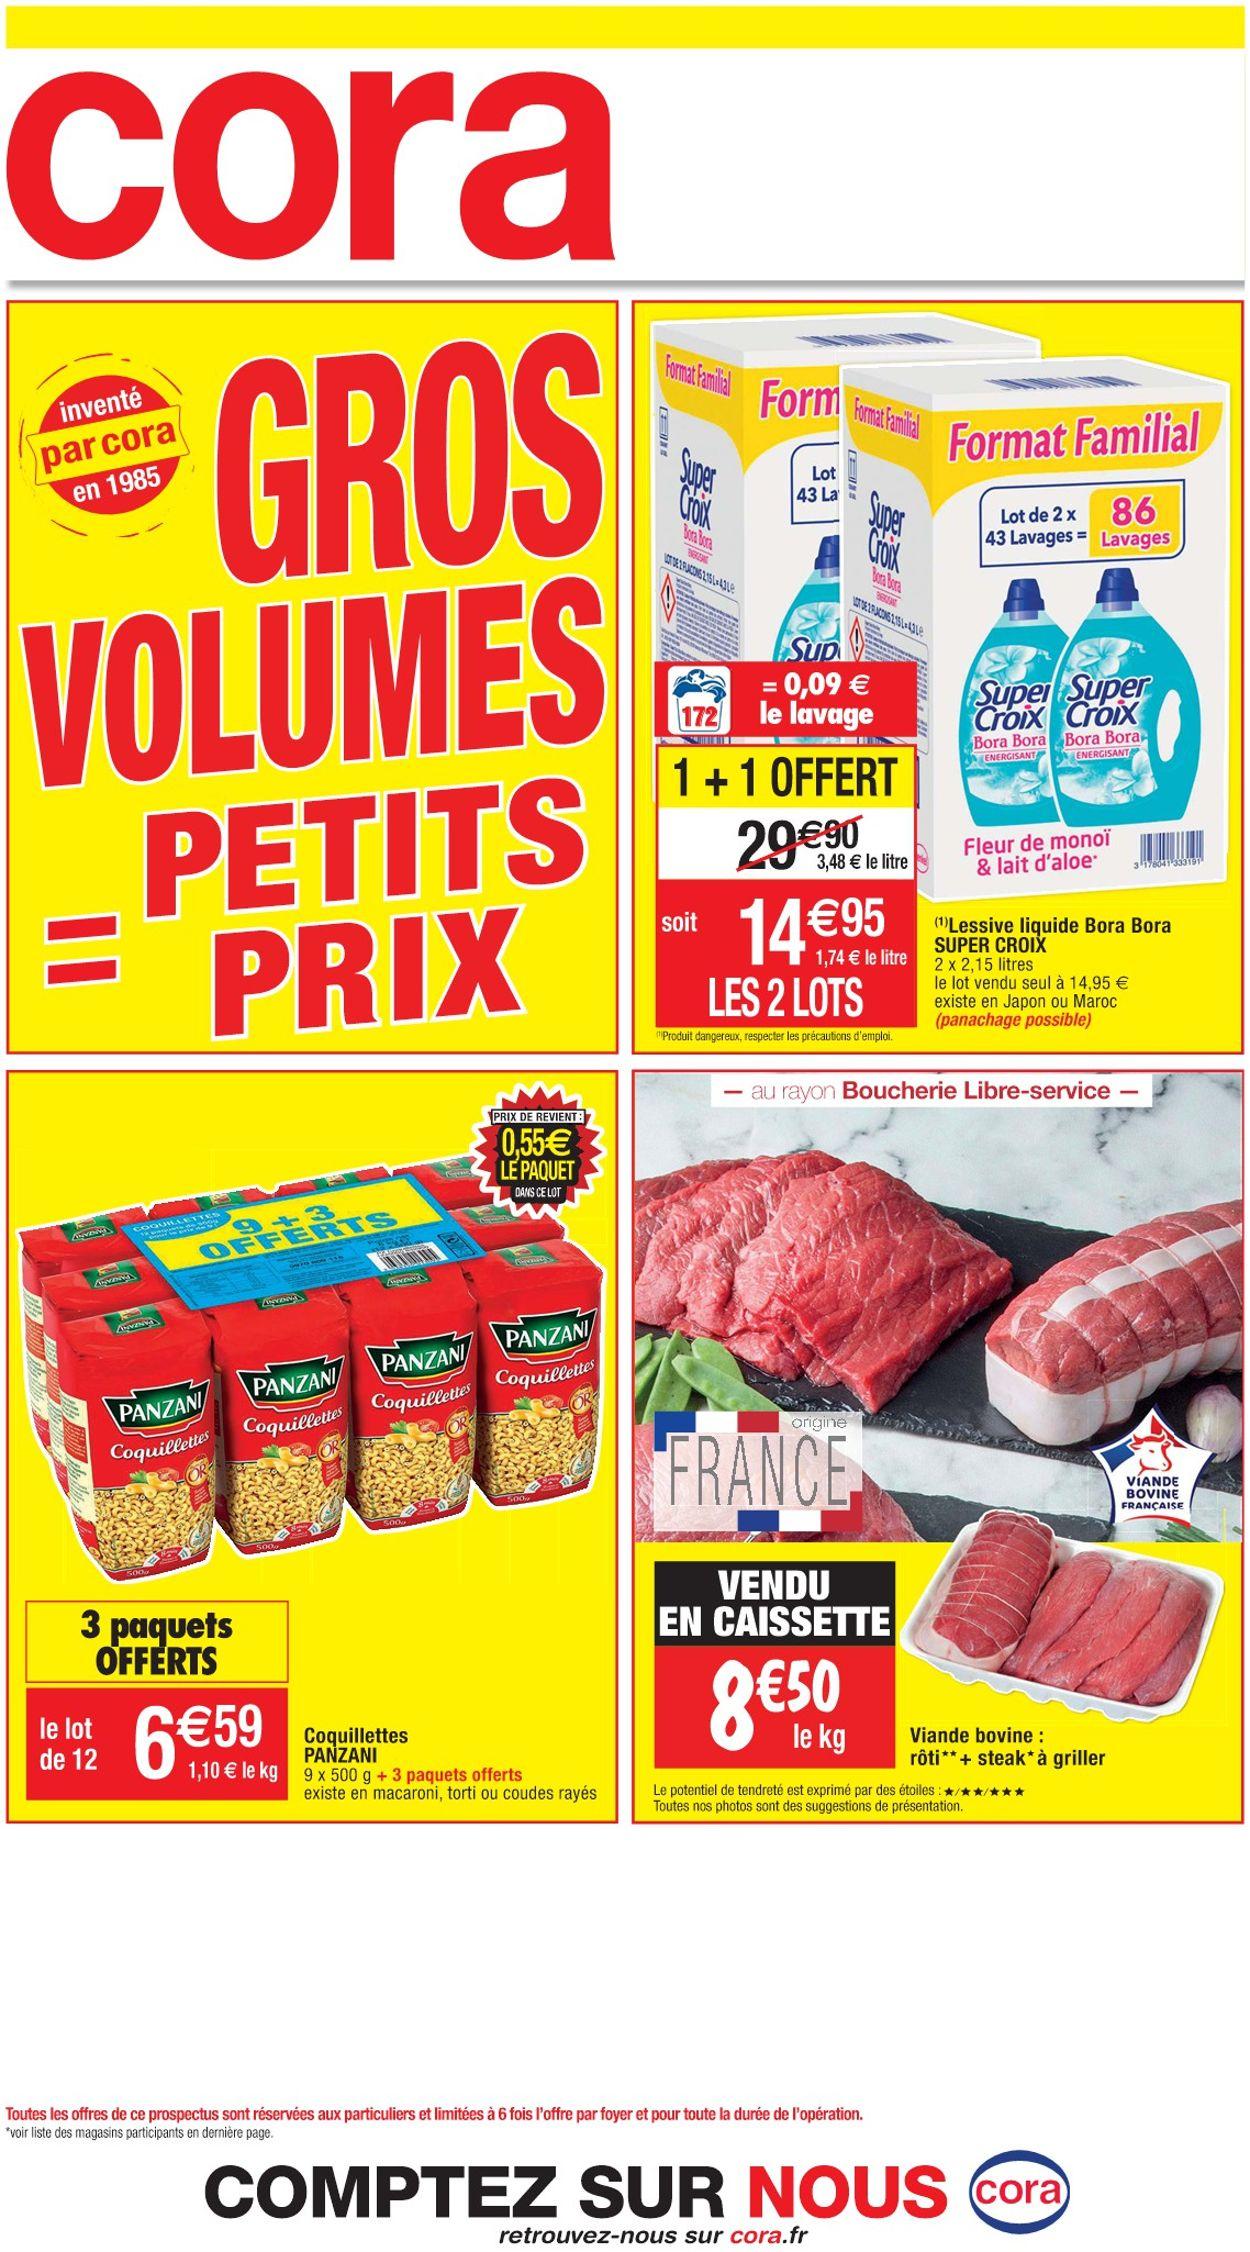 Cora Gros Volumes = Petits Prix 2021 Catalogue - 14.01-30.01.2021